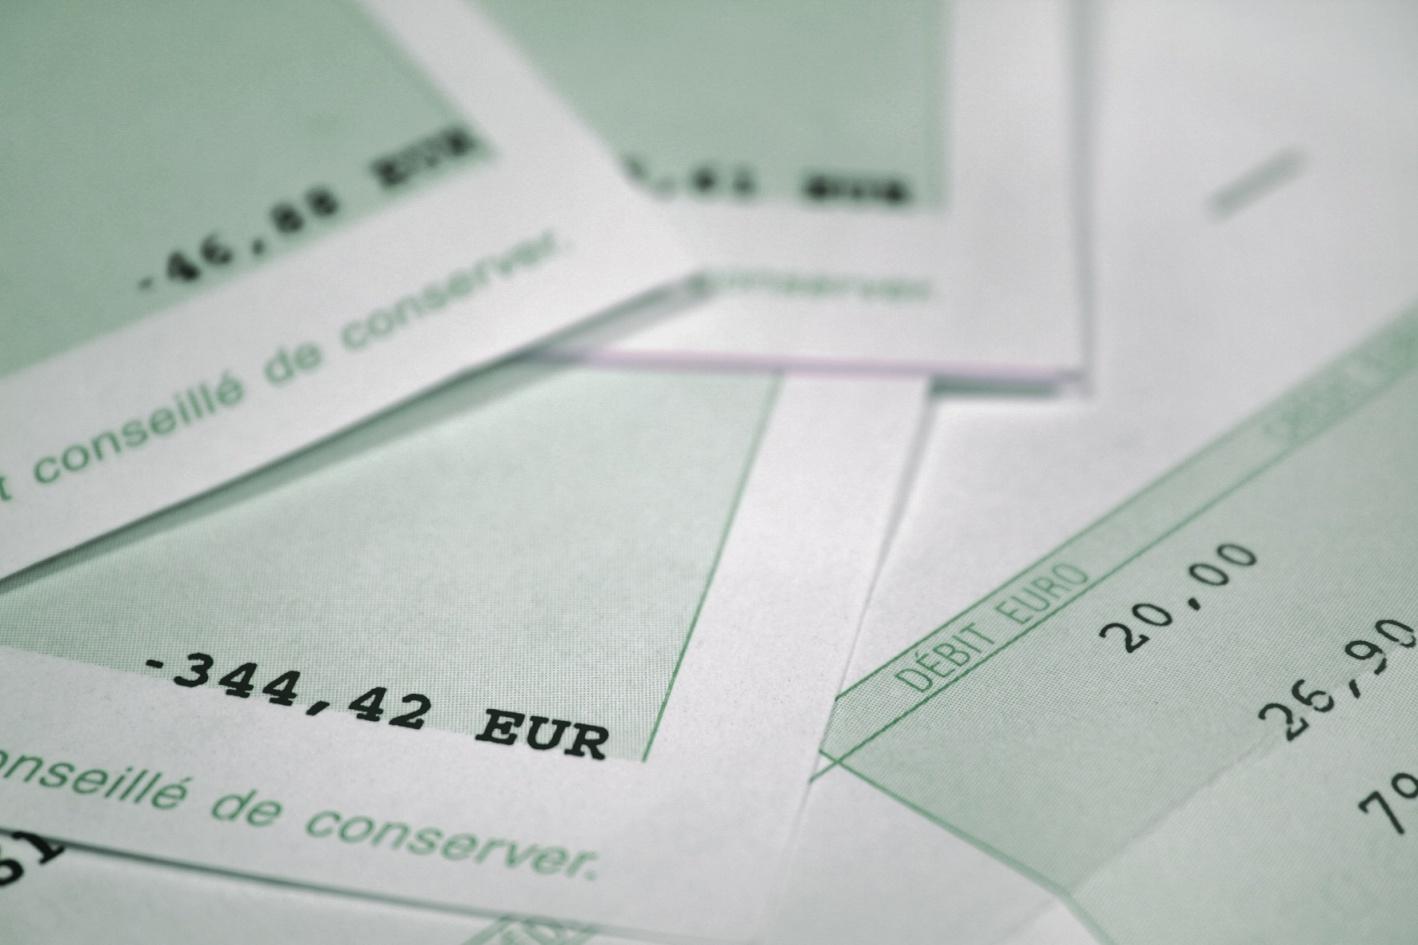 Imp t sur le revenu 2014 dernier jour pour le r gler par courrier - Hebergement a titre gratuit impot sur le revenu ...